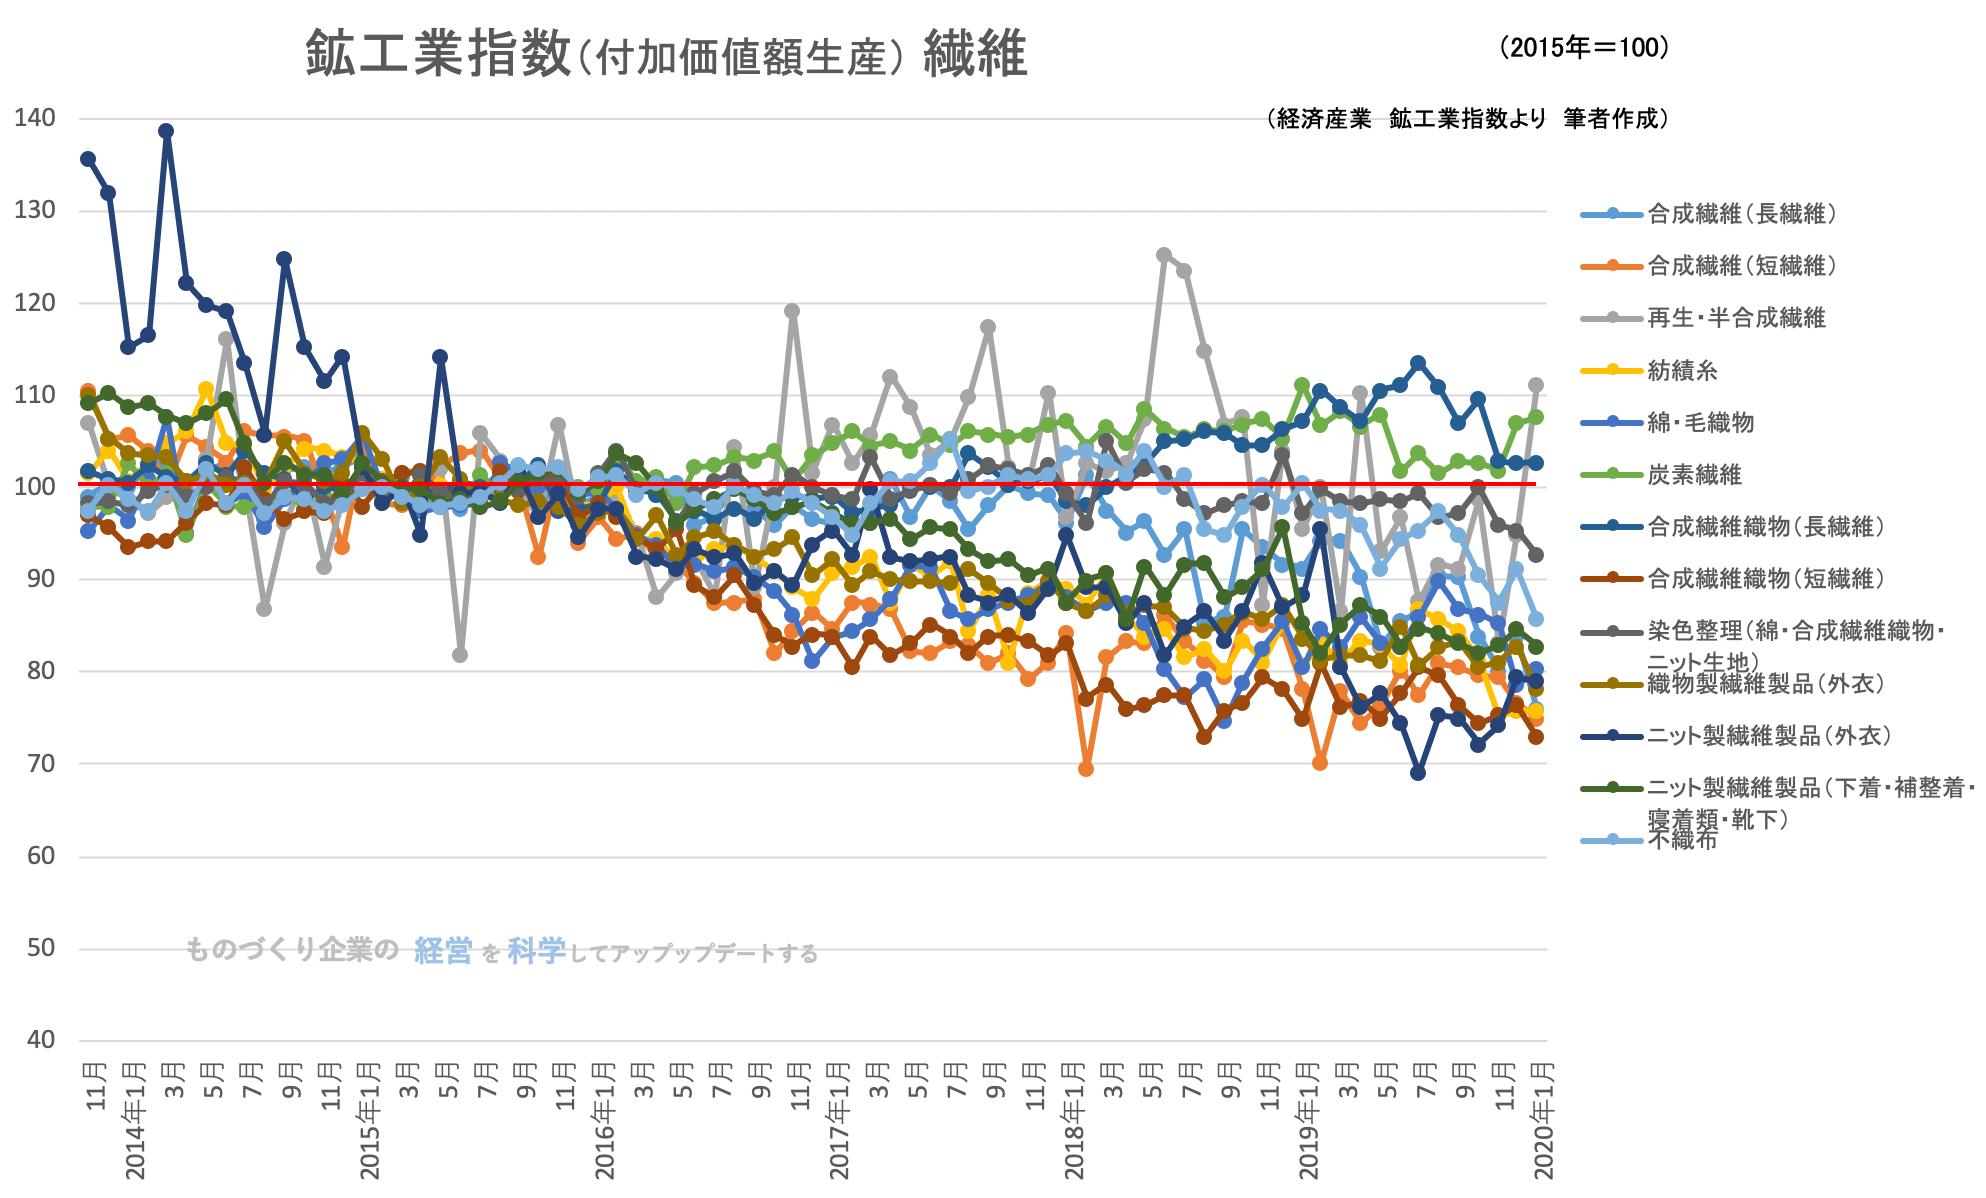 鉱工業指数(付加価値額生産) 繊維